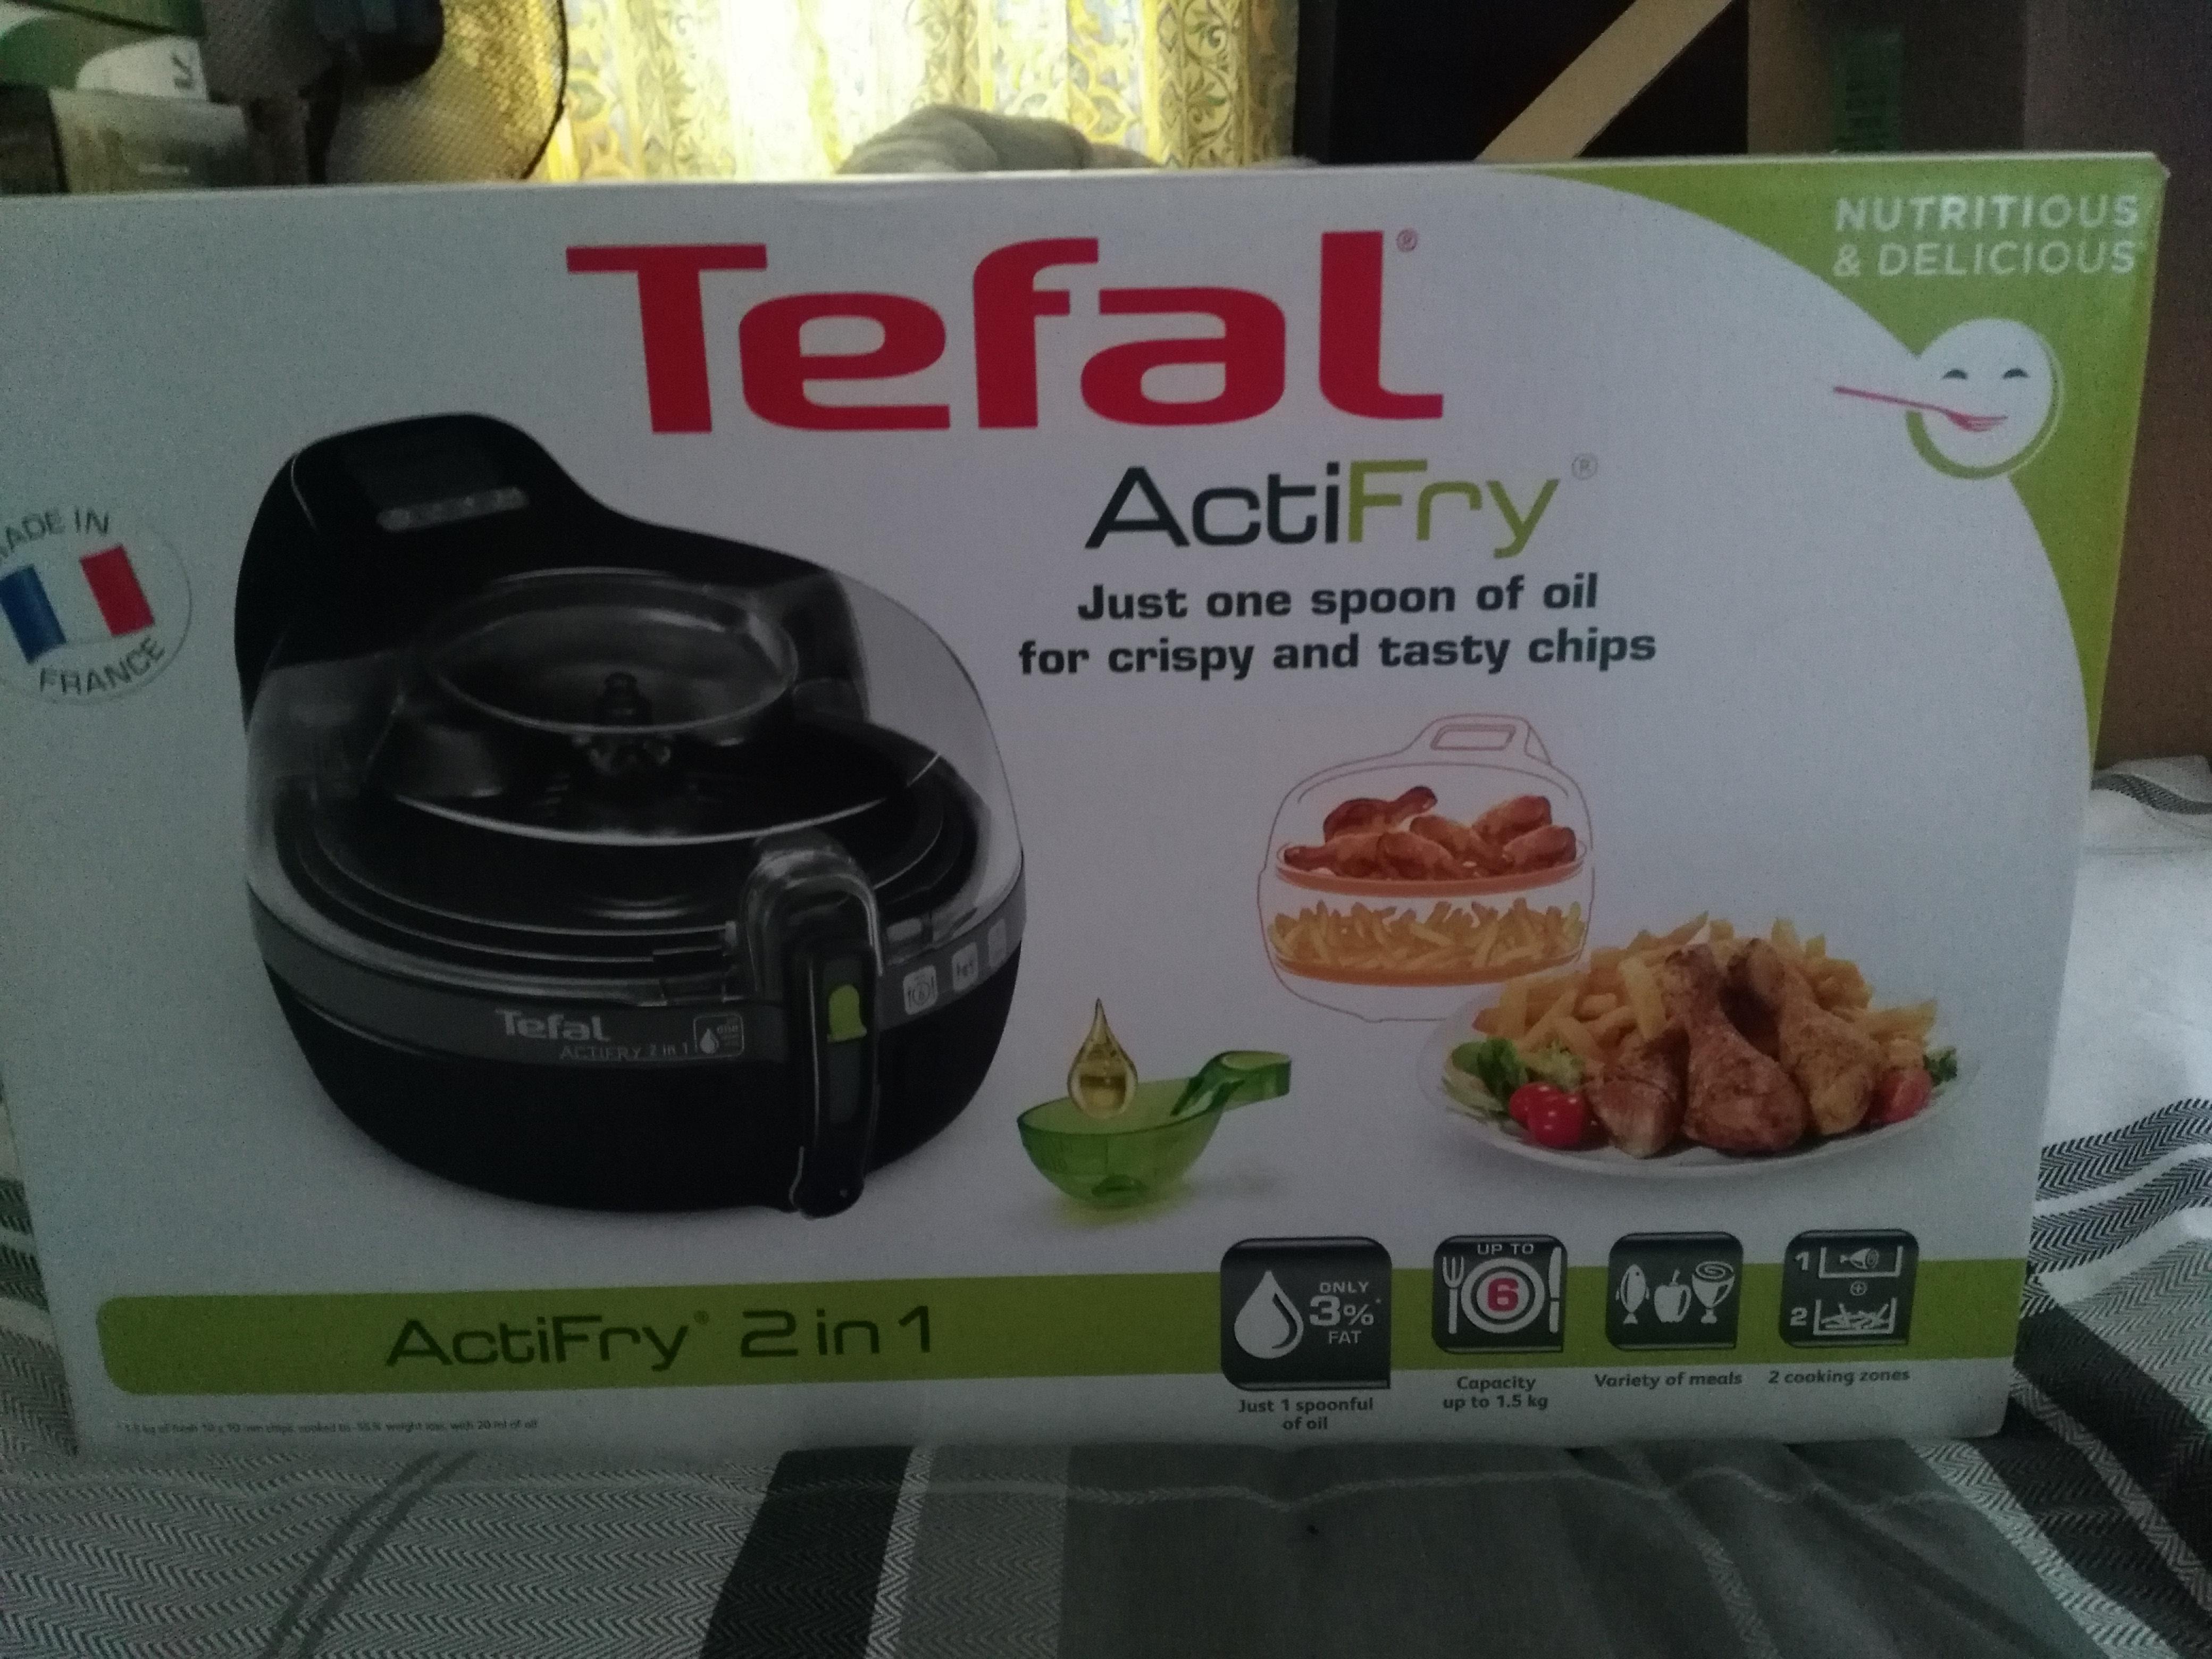 Tefal ActiFry 2 in 1